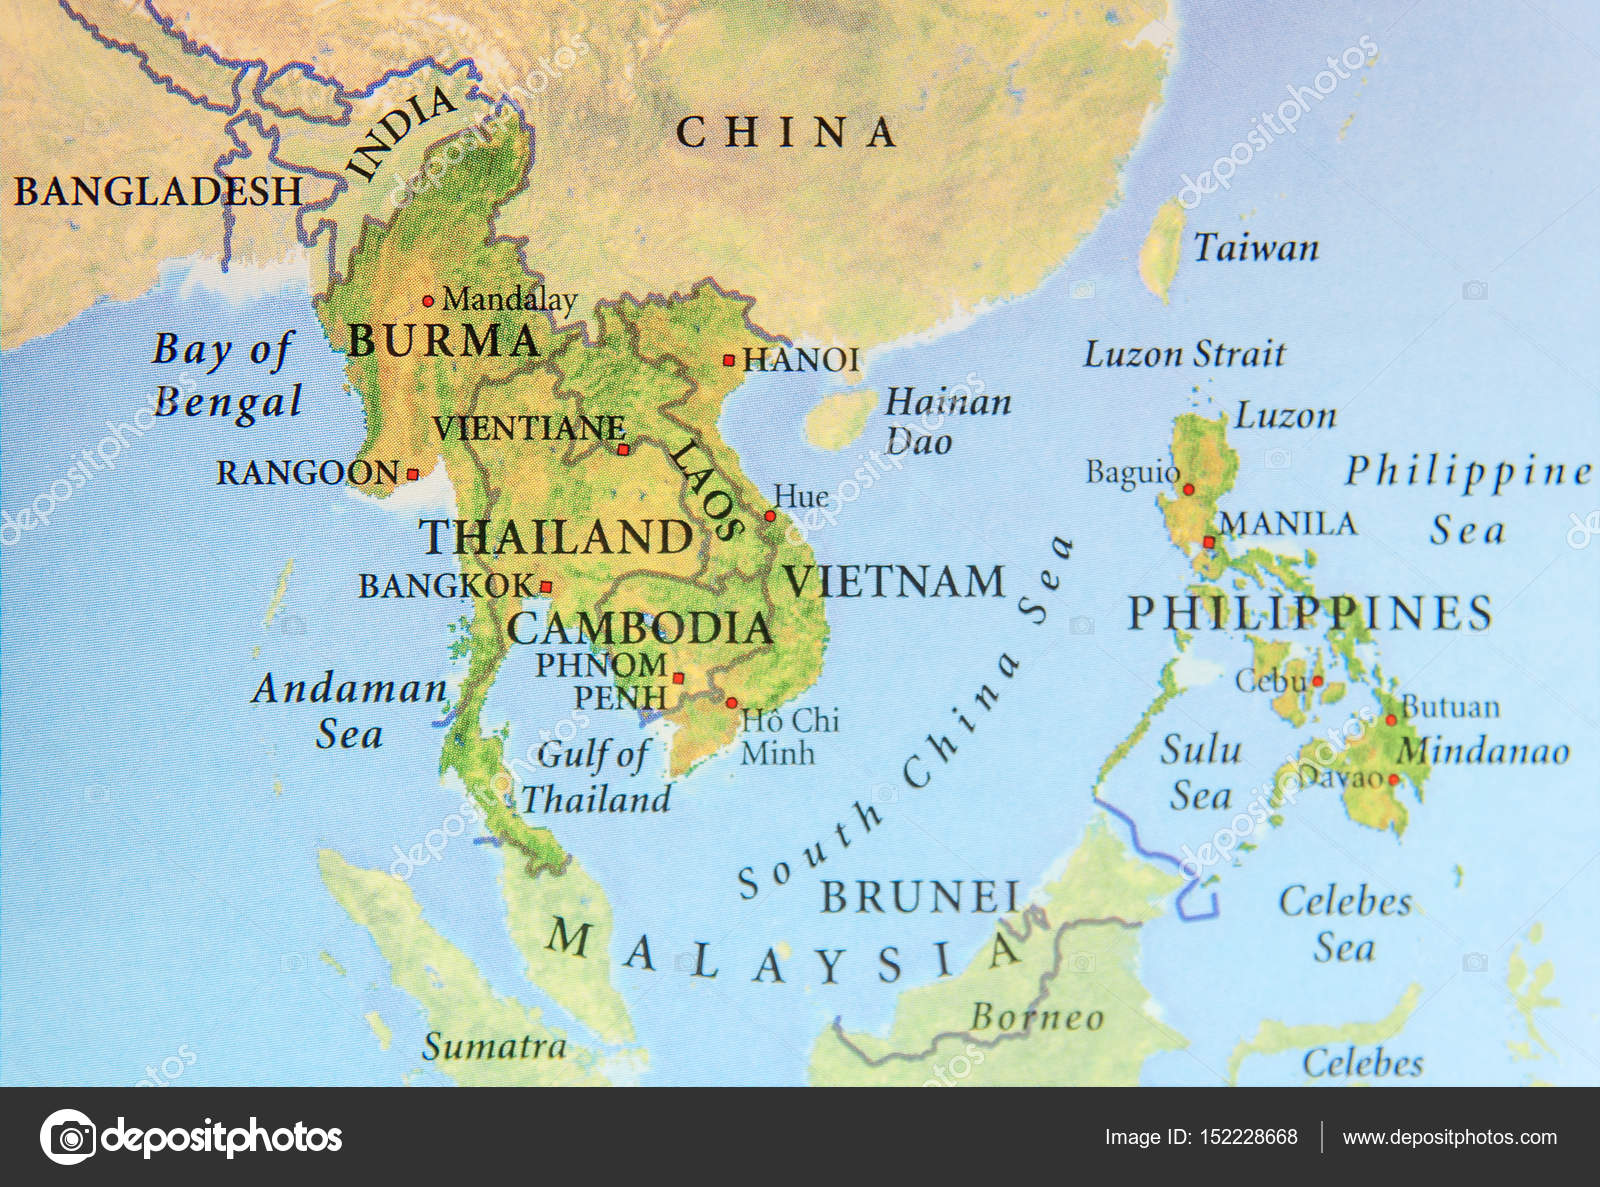 Carte Birmanie Thailande.Carte Geographique De La Birmanie Thailande Cambodge